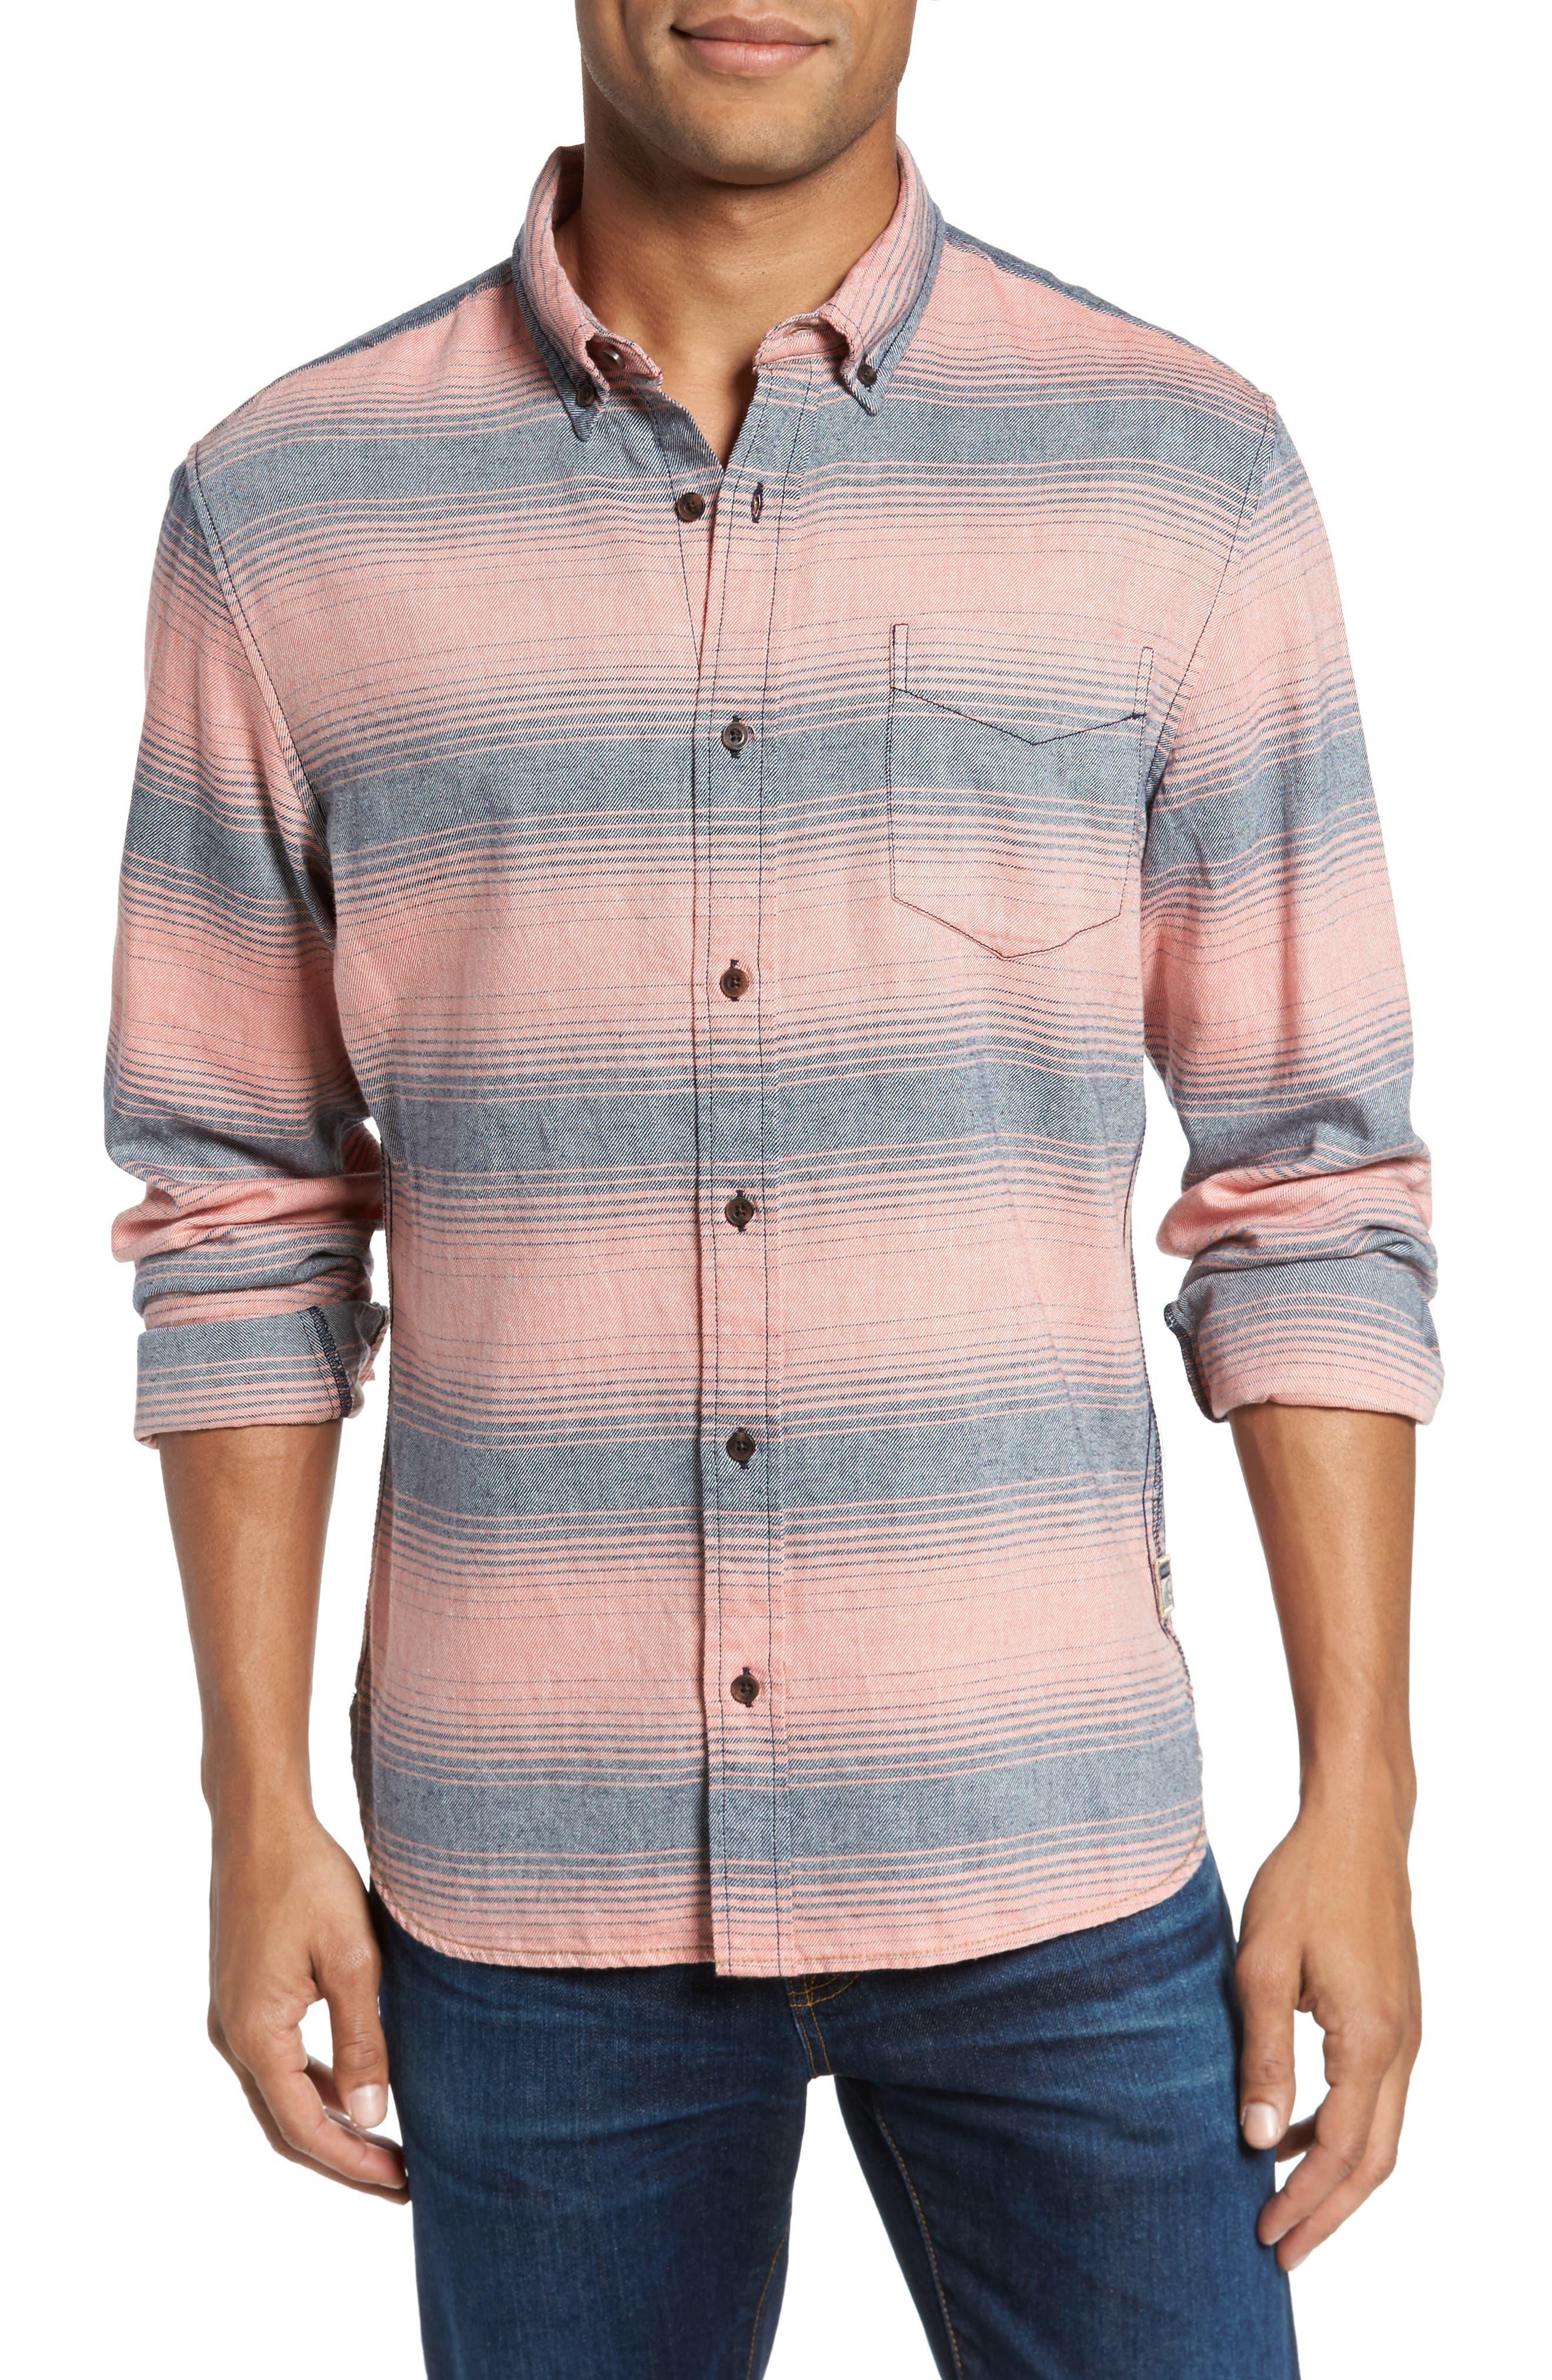 Surfside Supply Brushed Stripe Sport Shirt